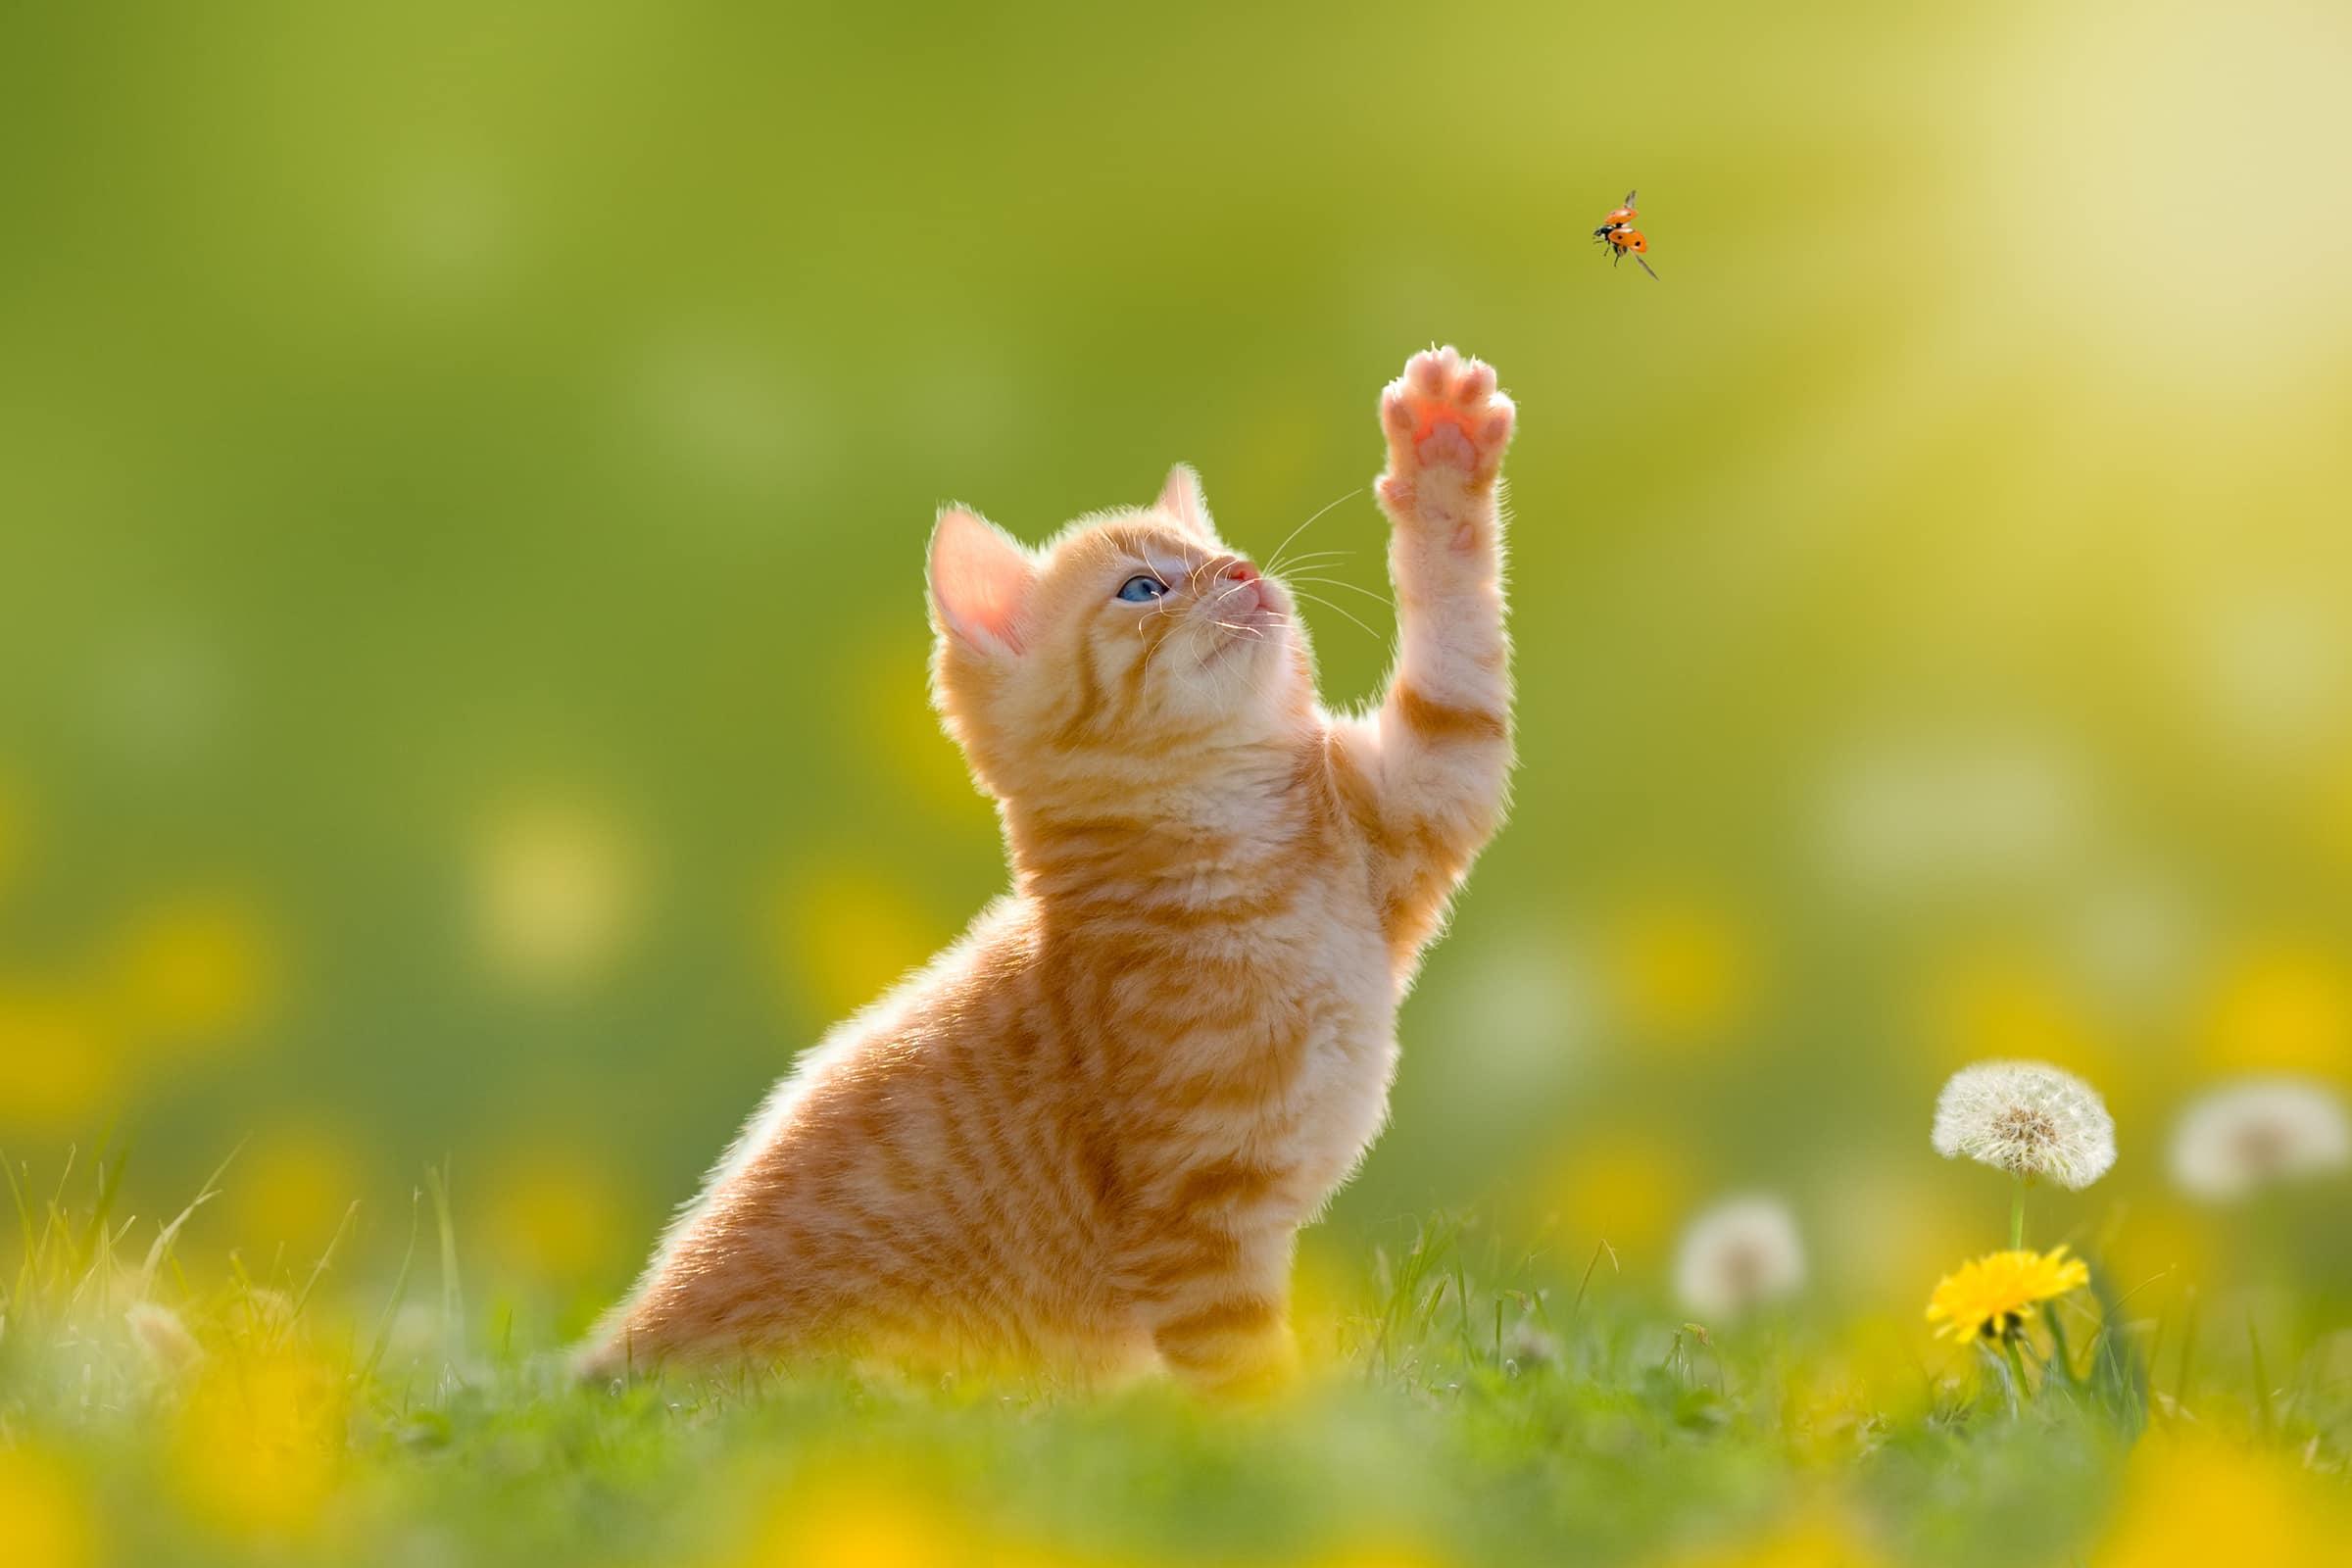 Junge Katze/Kätzchen jagd einen Marienkäfer im Gegenlicht